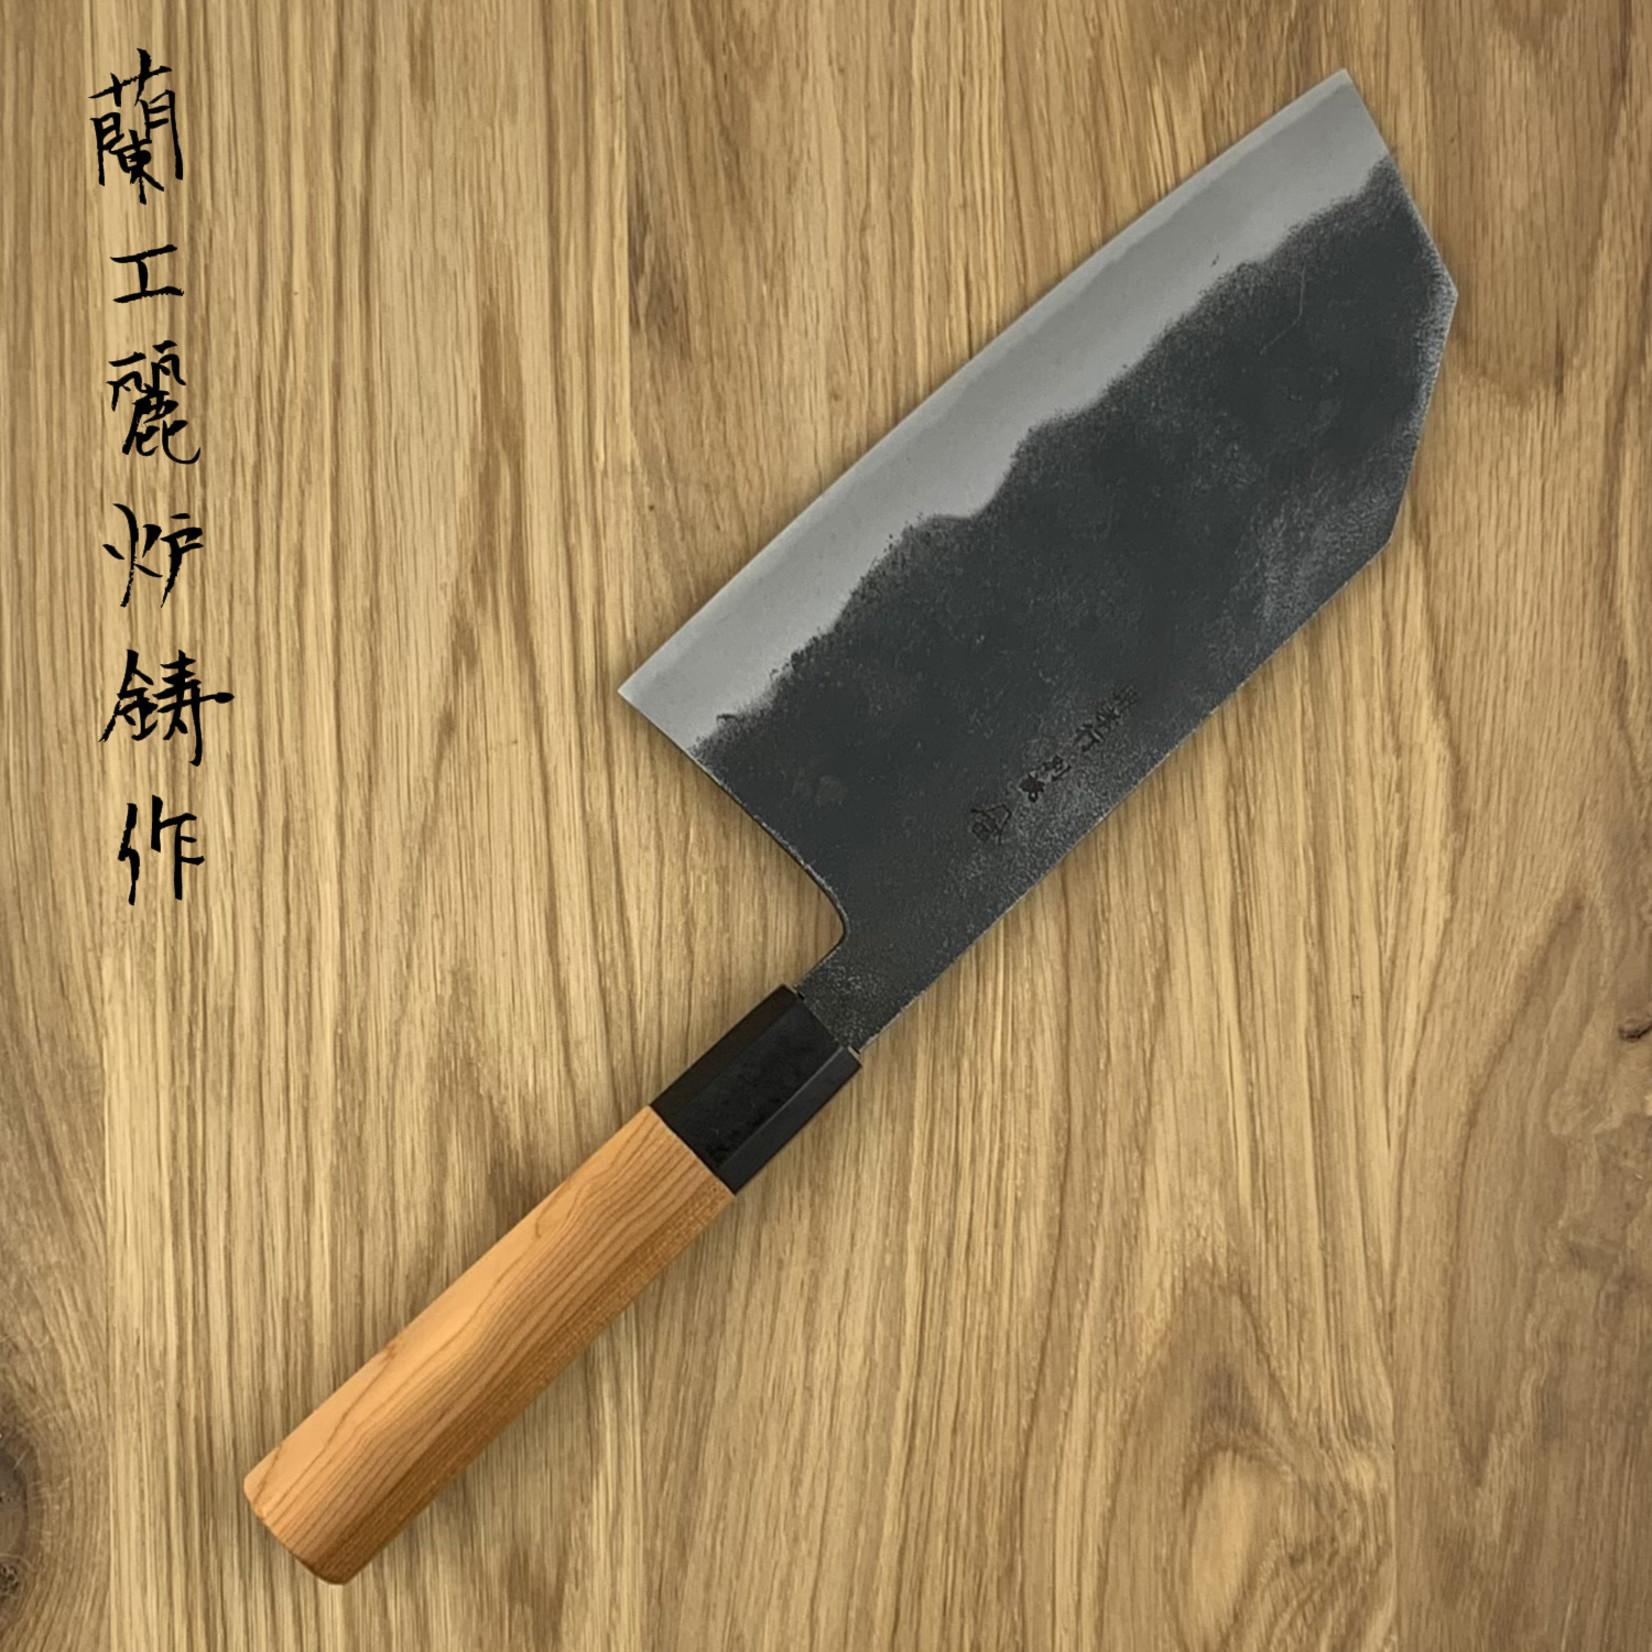 SAKAI TAKAYUKI Tokujou White #2 bunka high kurouchi 180 mm 03200